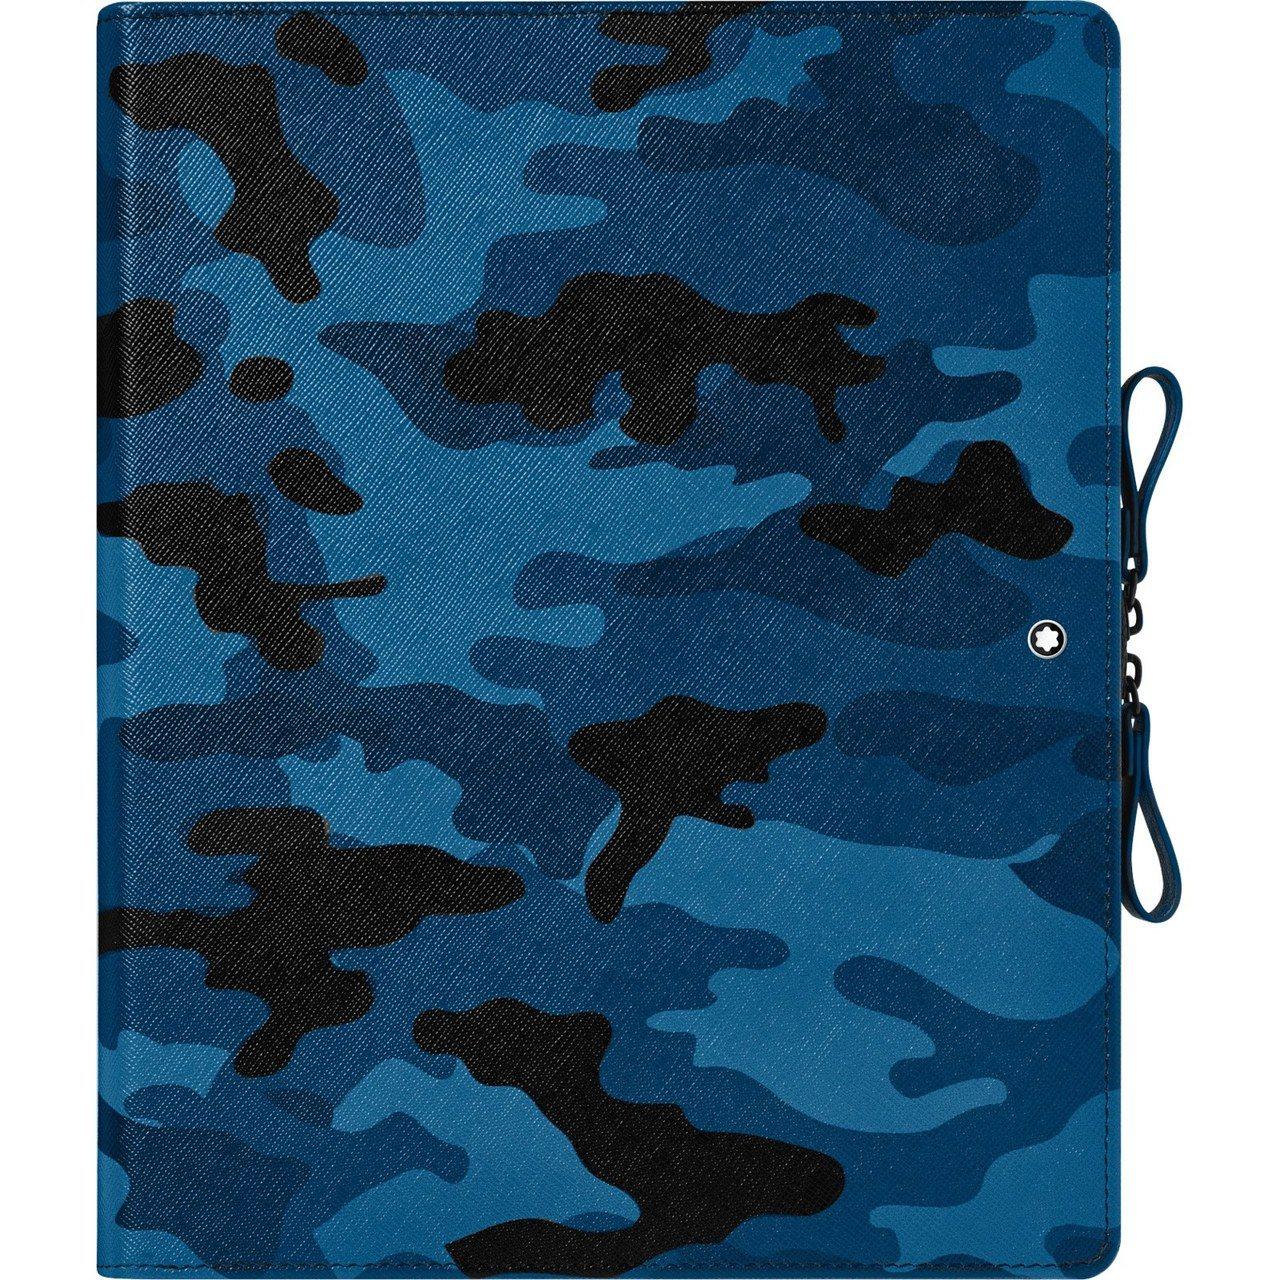 萬寶龍匠心系列迷彩藍數位擴增筆記本,25,400元。圖/萬寶龍提供